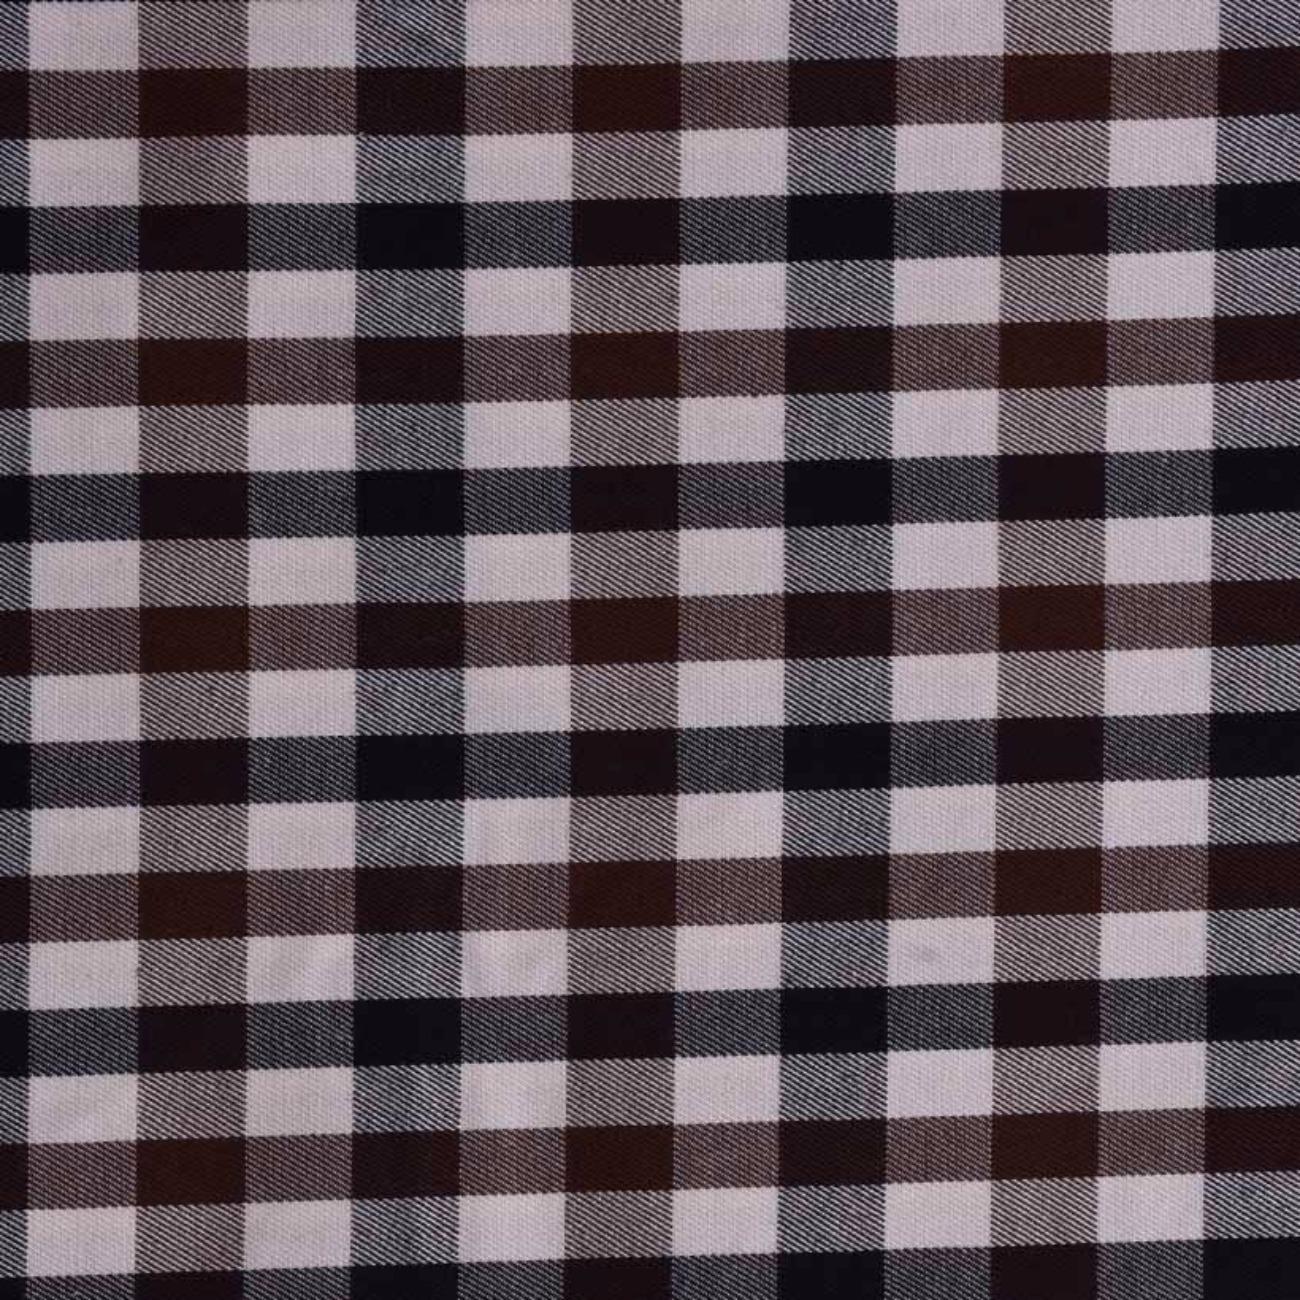 现货斜纹格子苏格兰格梭织色织低弹休闲时尚风格 衬衫 连衣裙 短裙 棉感 60929-7